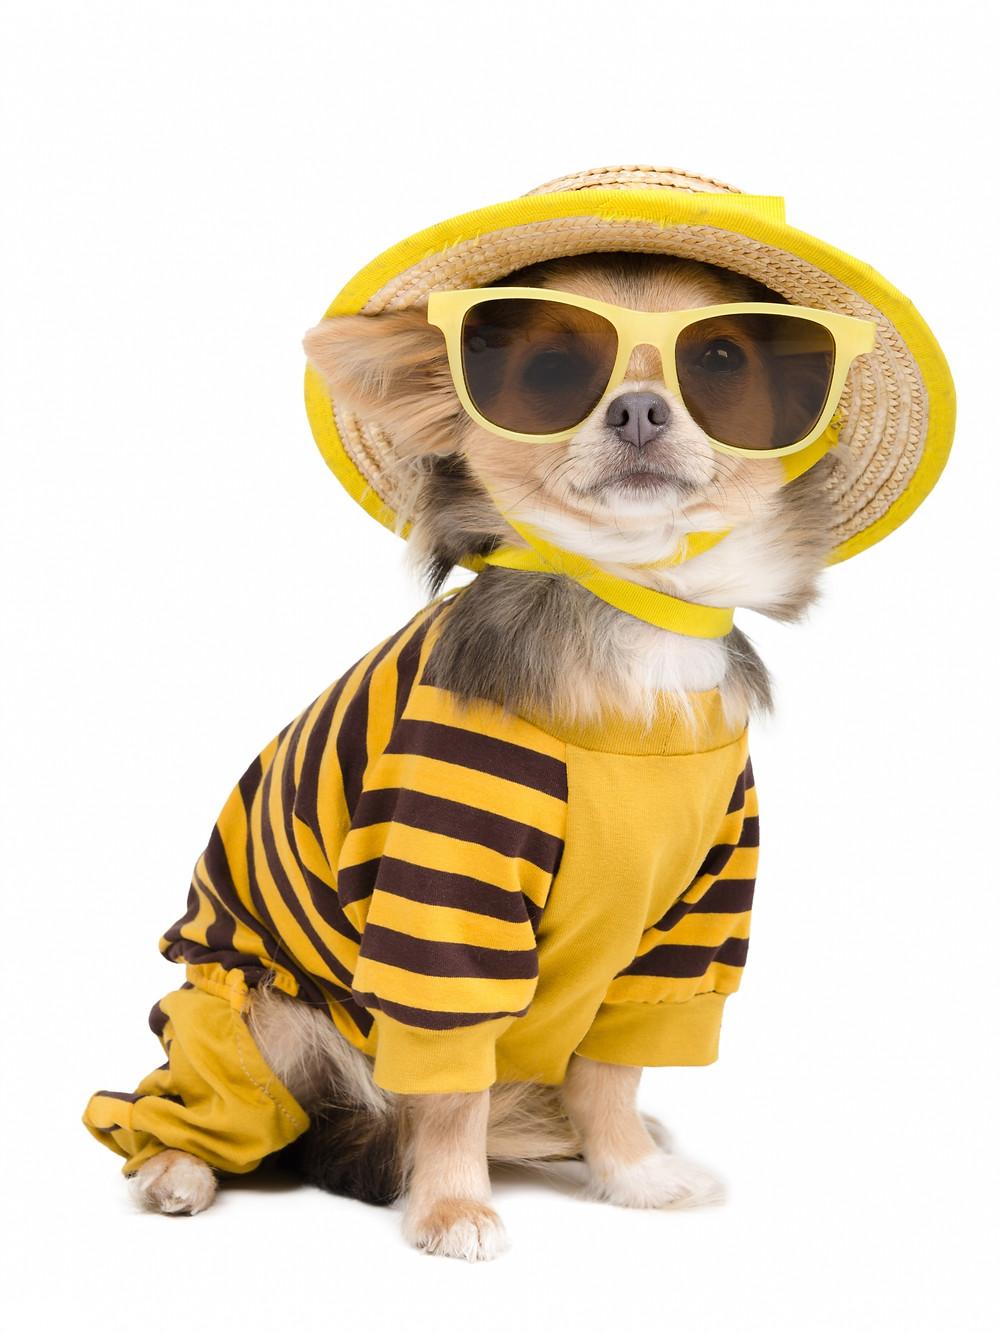 heatwave dog